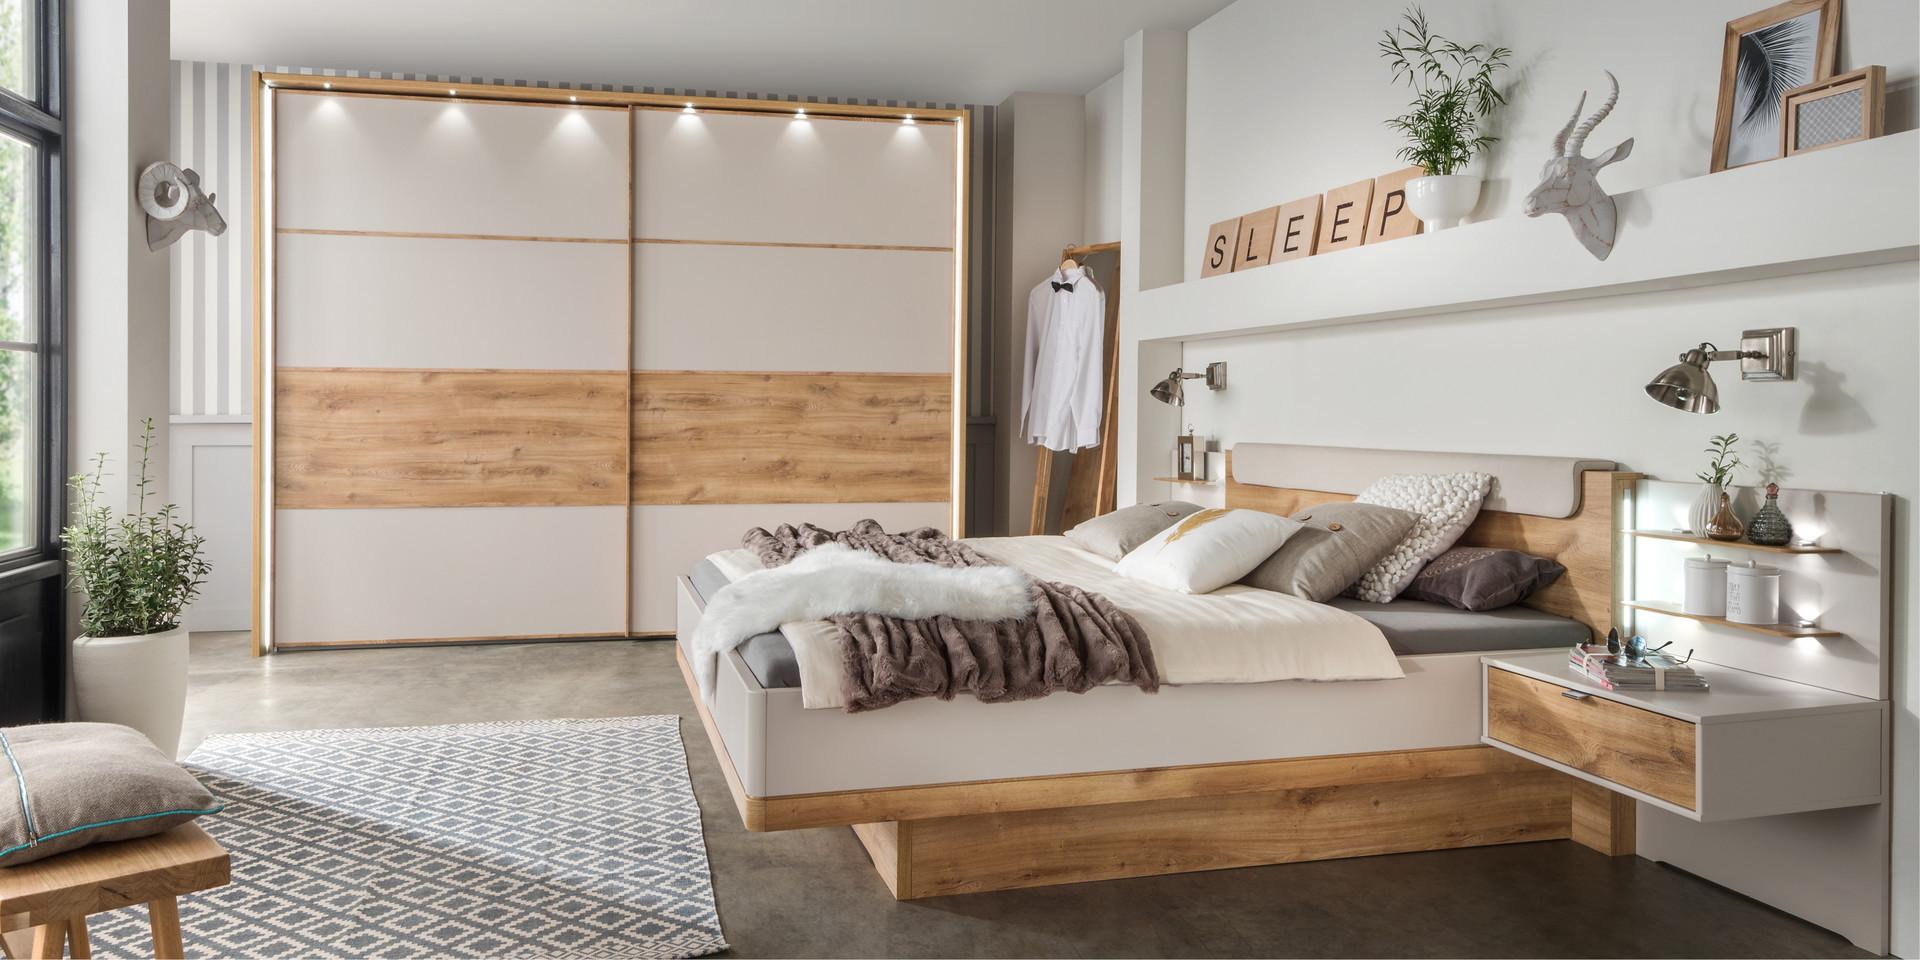 Erleben Sie das Schlafzimmer Ancona  Möbelhersteller Wiemann